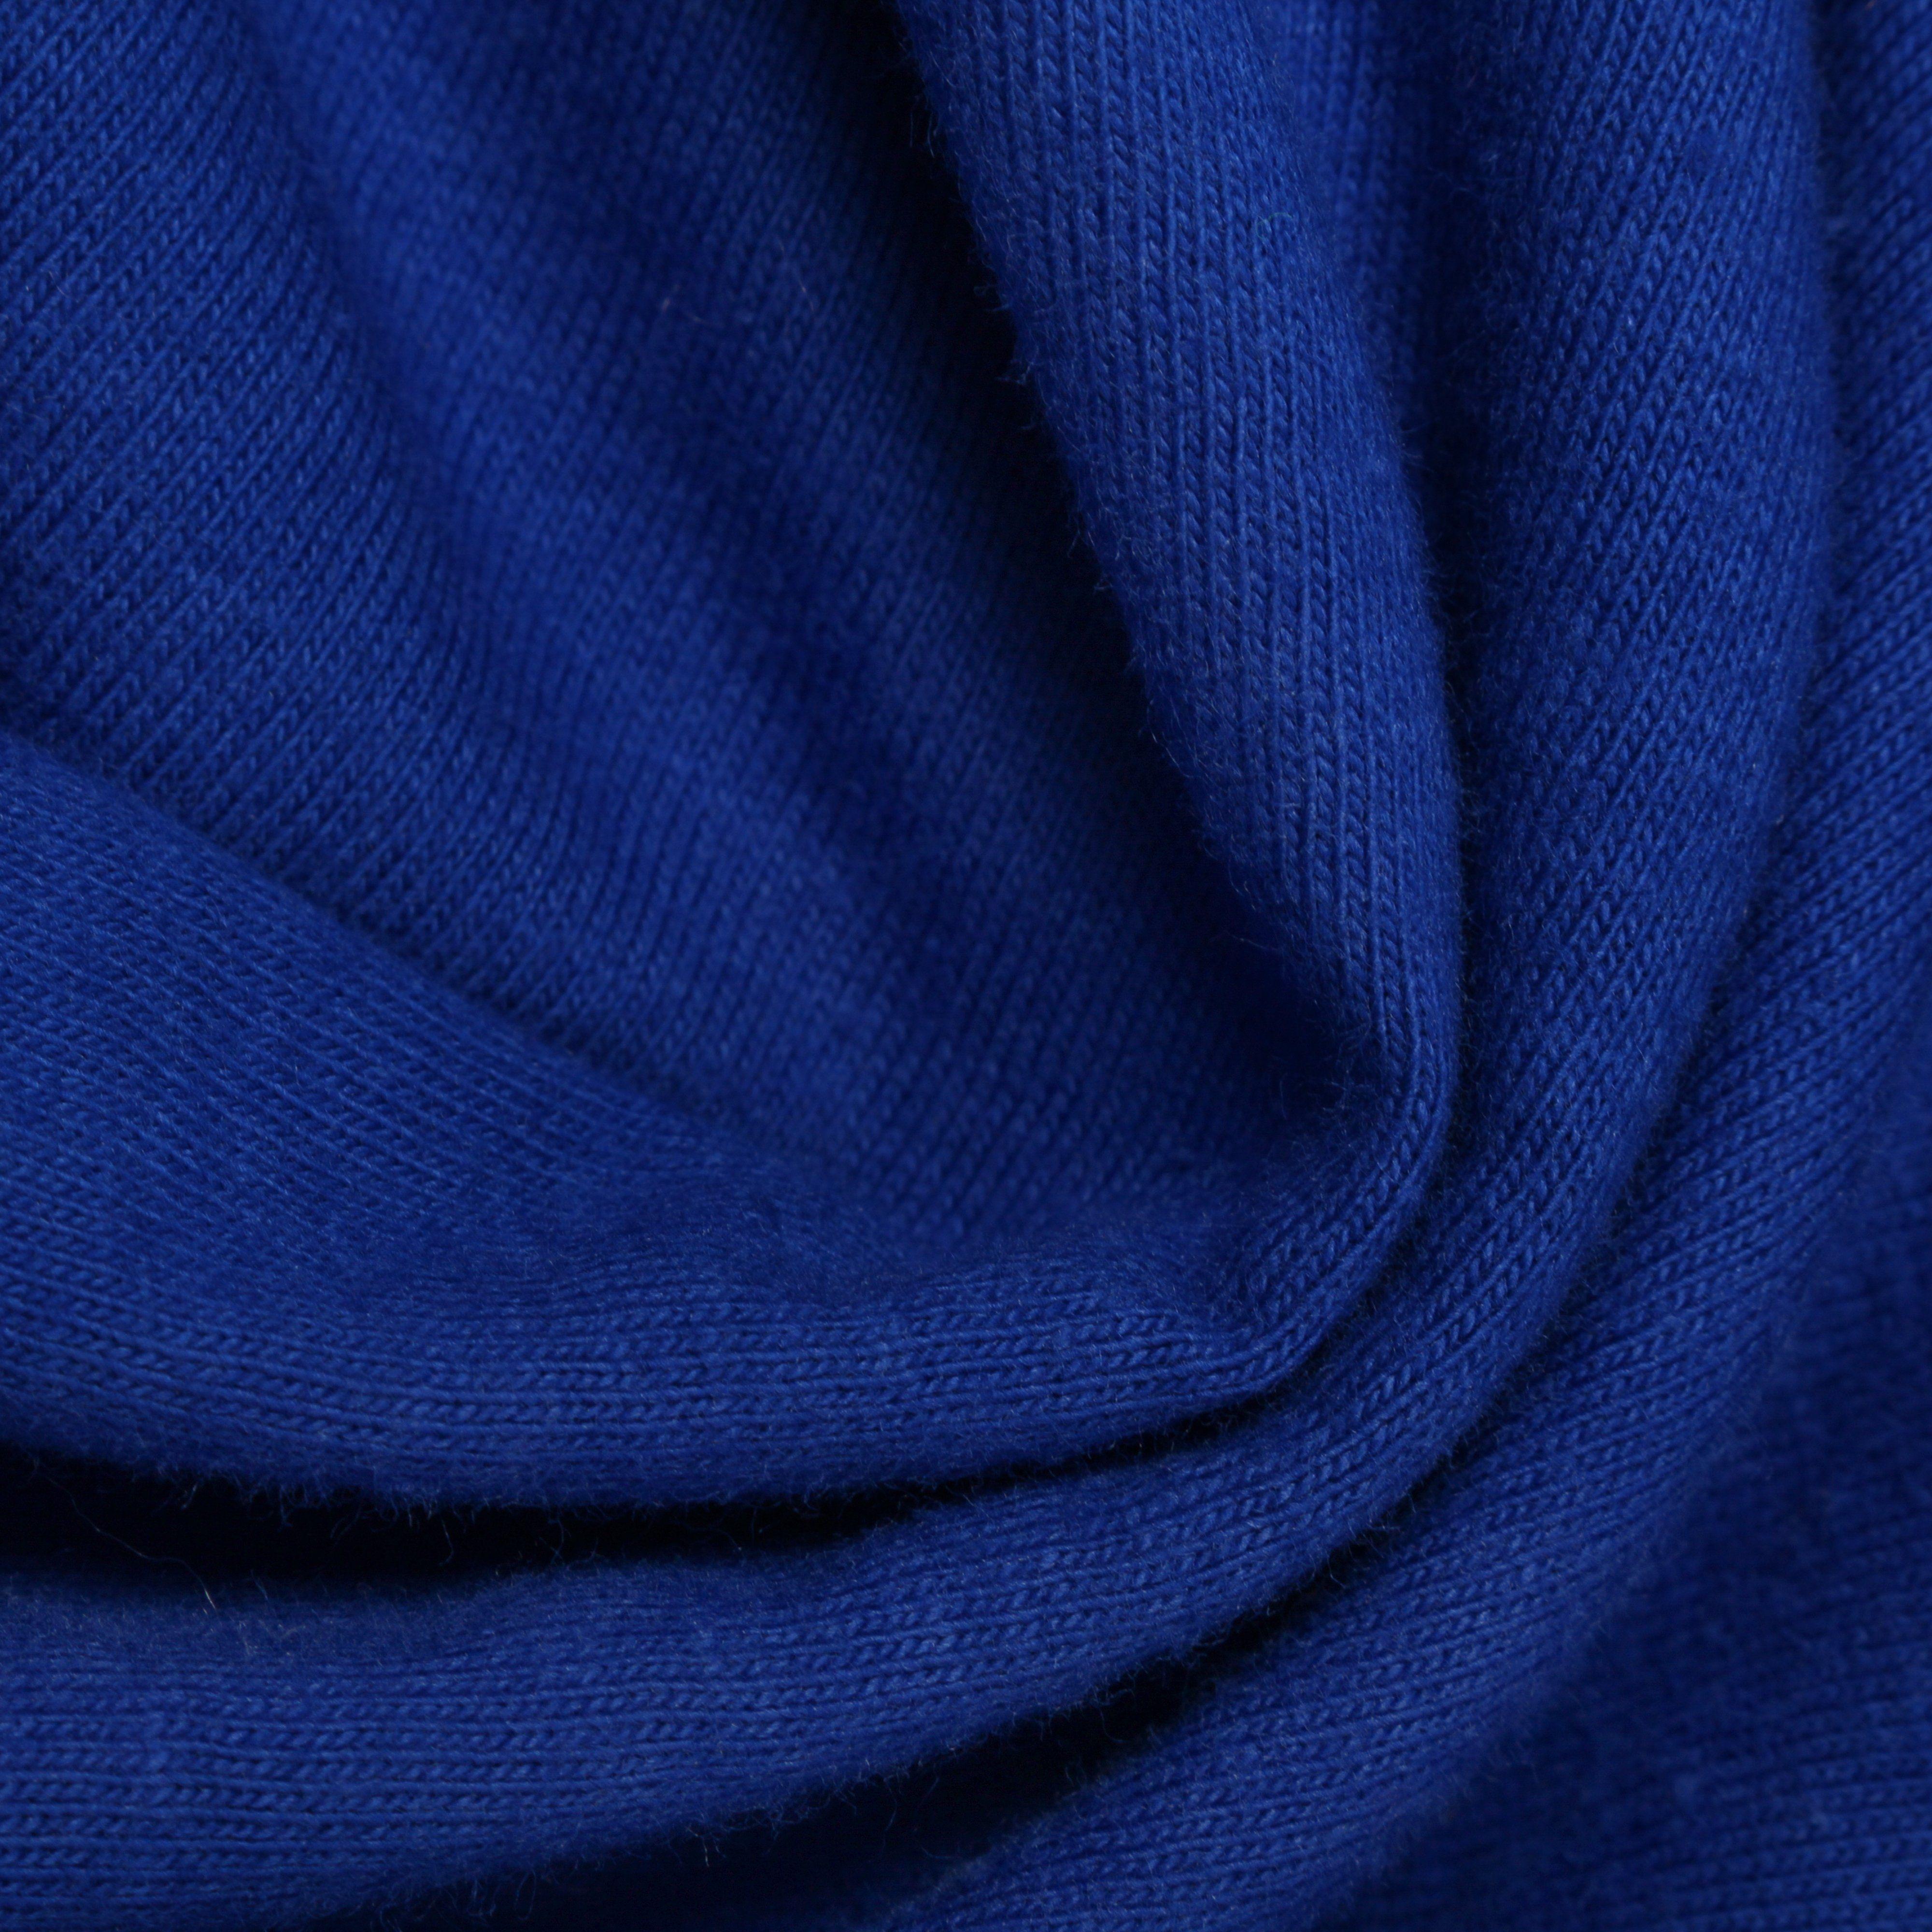 Ebbets Field Flannels Toronto Maple Leafs 1957 T-Shirt